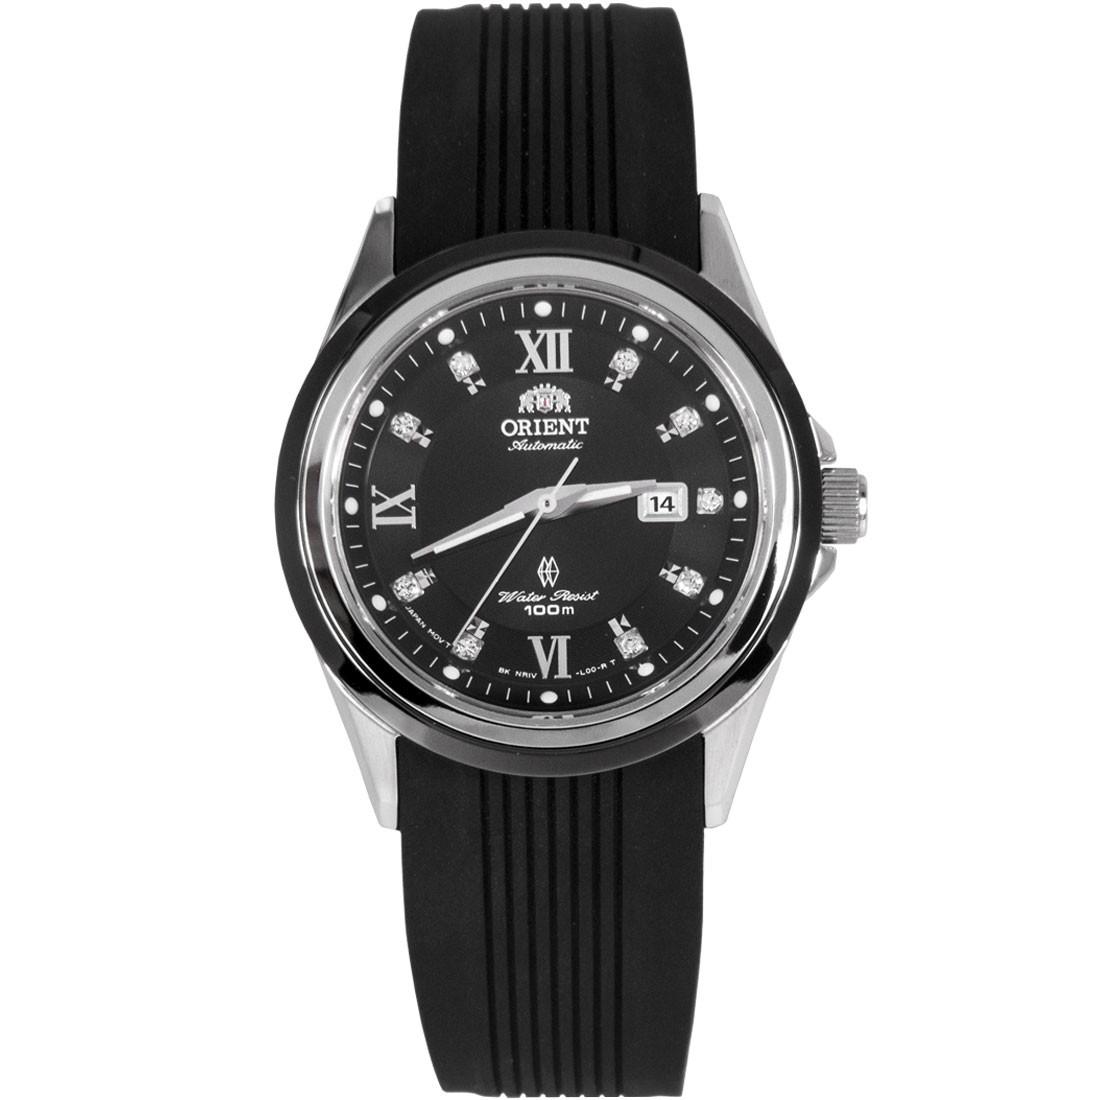 นาฬิกาผู้หญิง Orient รุ่น NR1V003B, Sporty Automatic